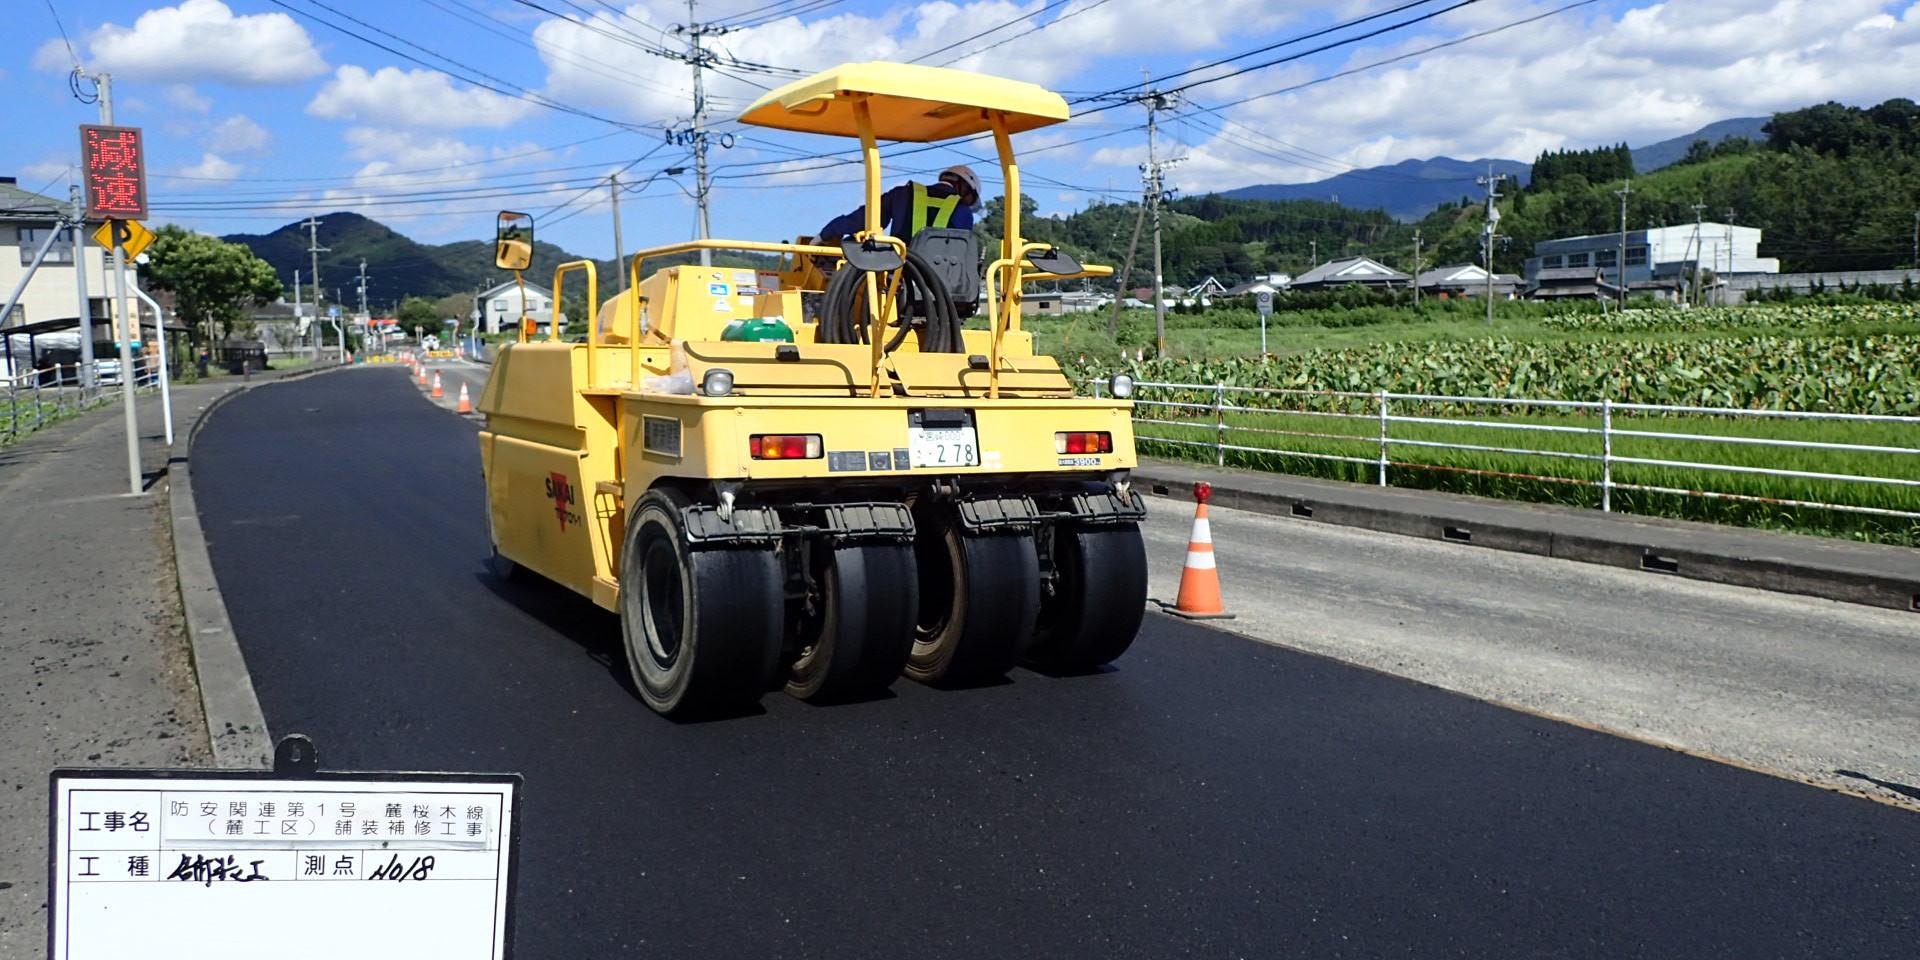 防安関連 第1号 麓桜木線(麓工区)舗装補修工事